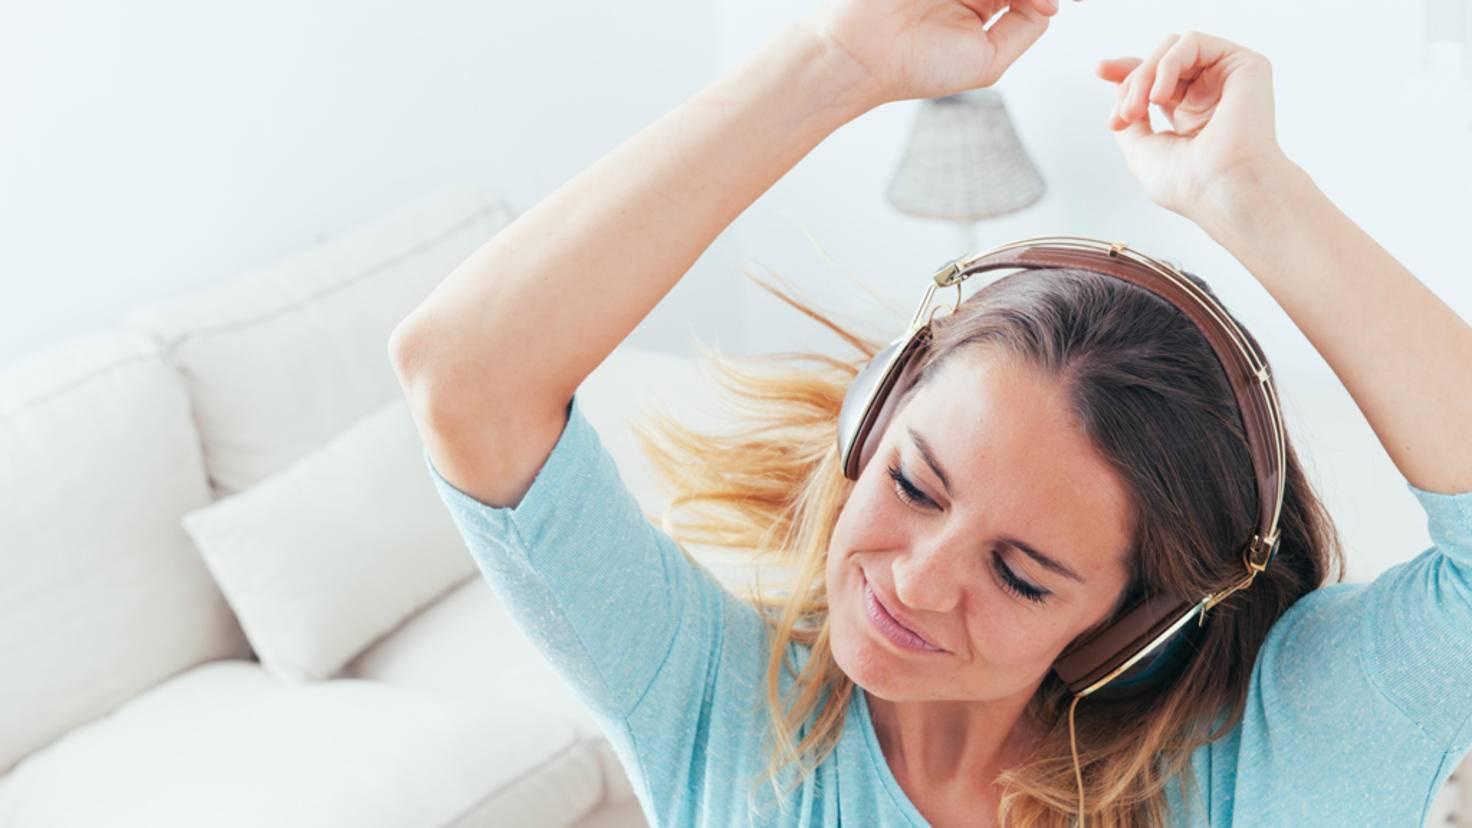 Köpfhörer auf, Musik an: Schon bist Du Startklar für eine kleine Tanzstunde.